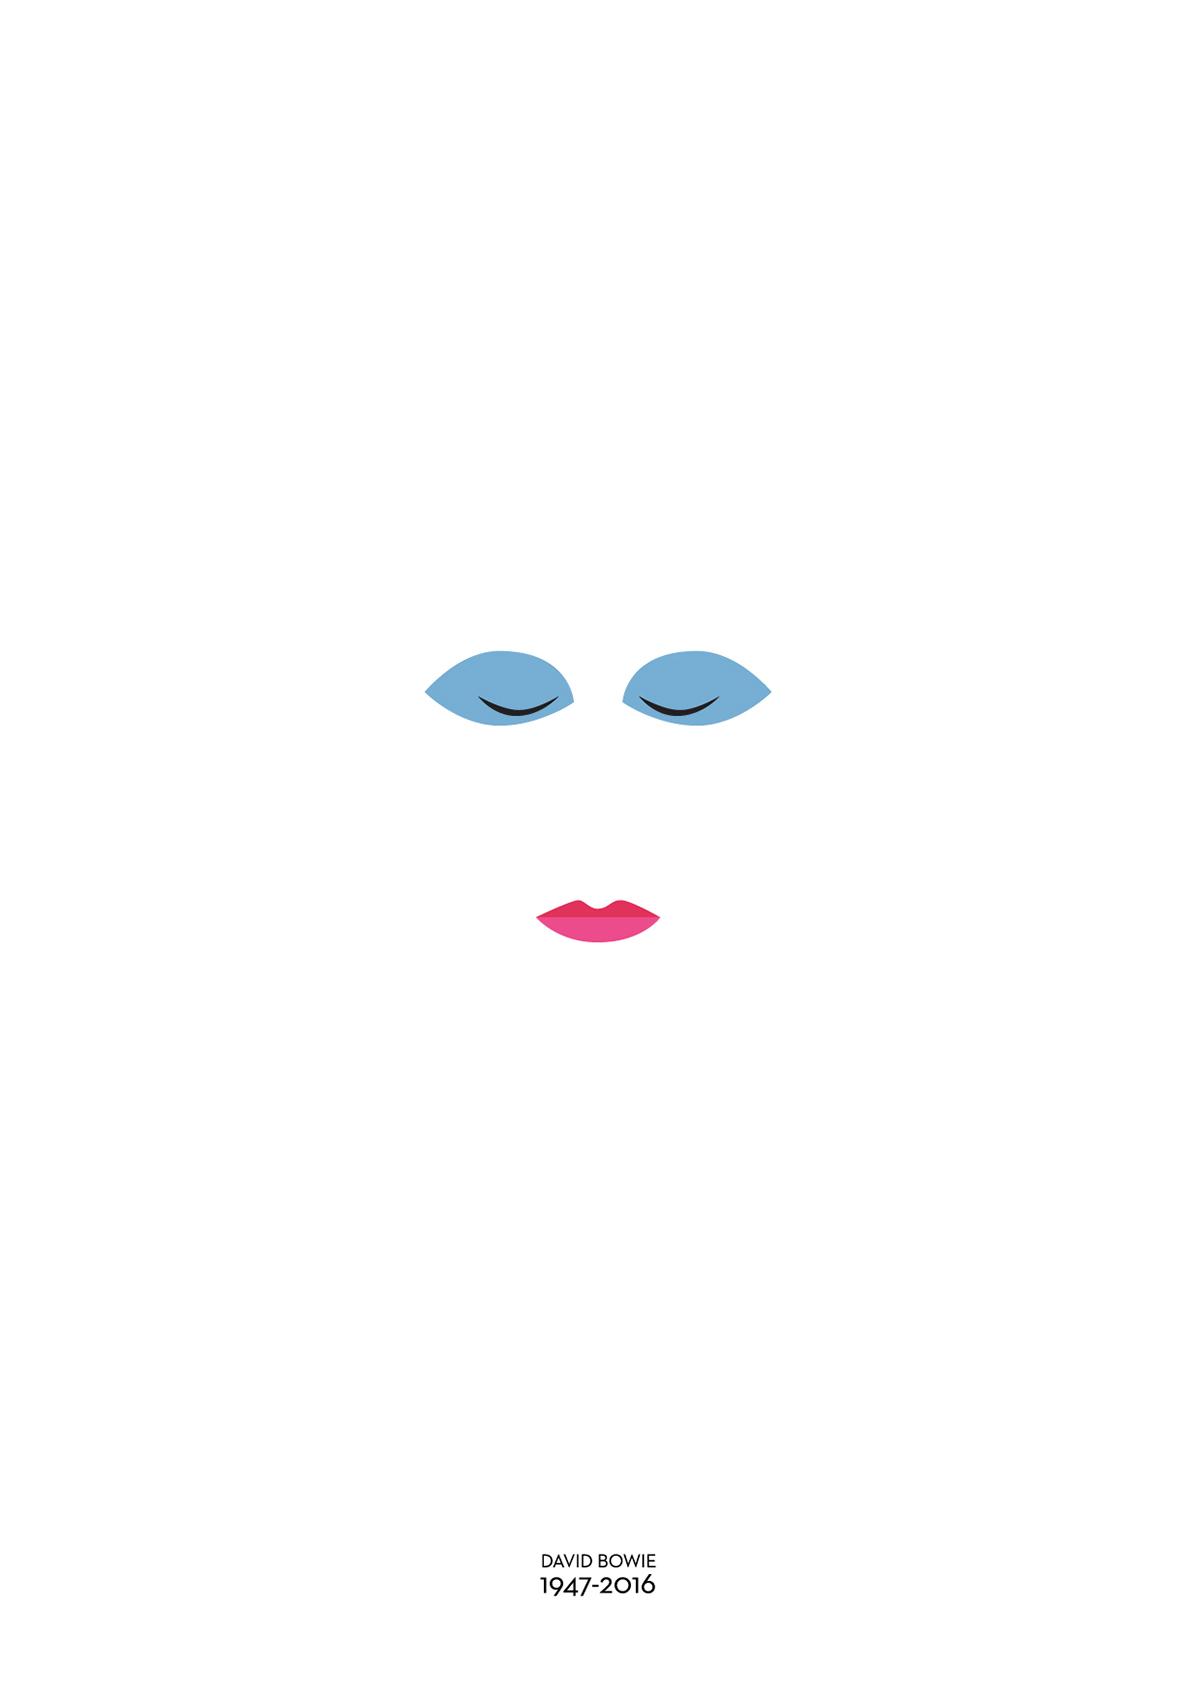 david-bowie-tribute-with-minimal-posters-by-gorgi-janevski-5